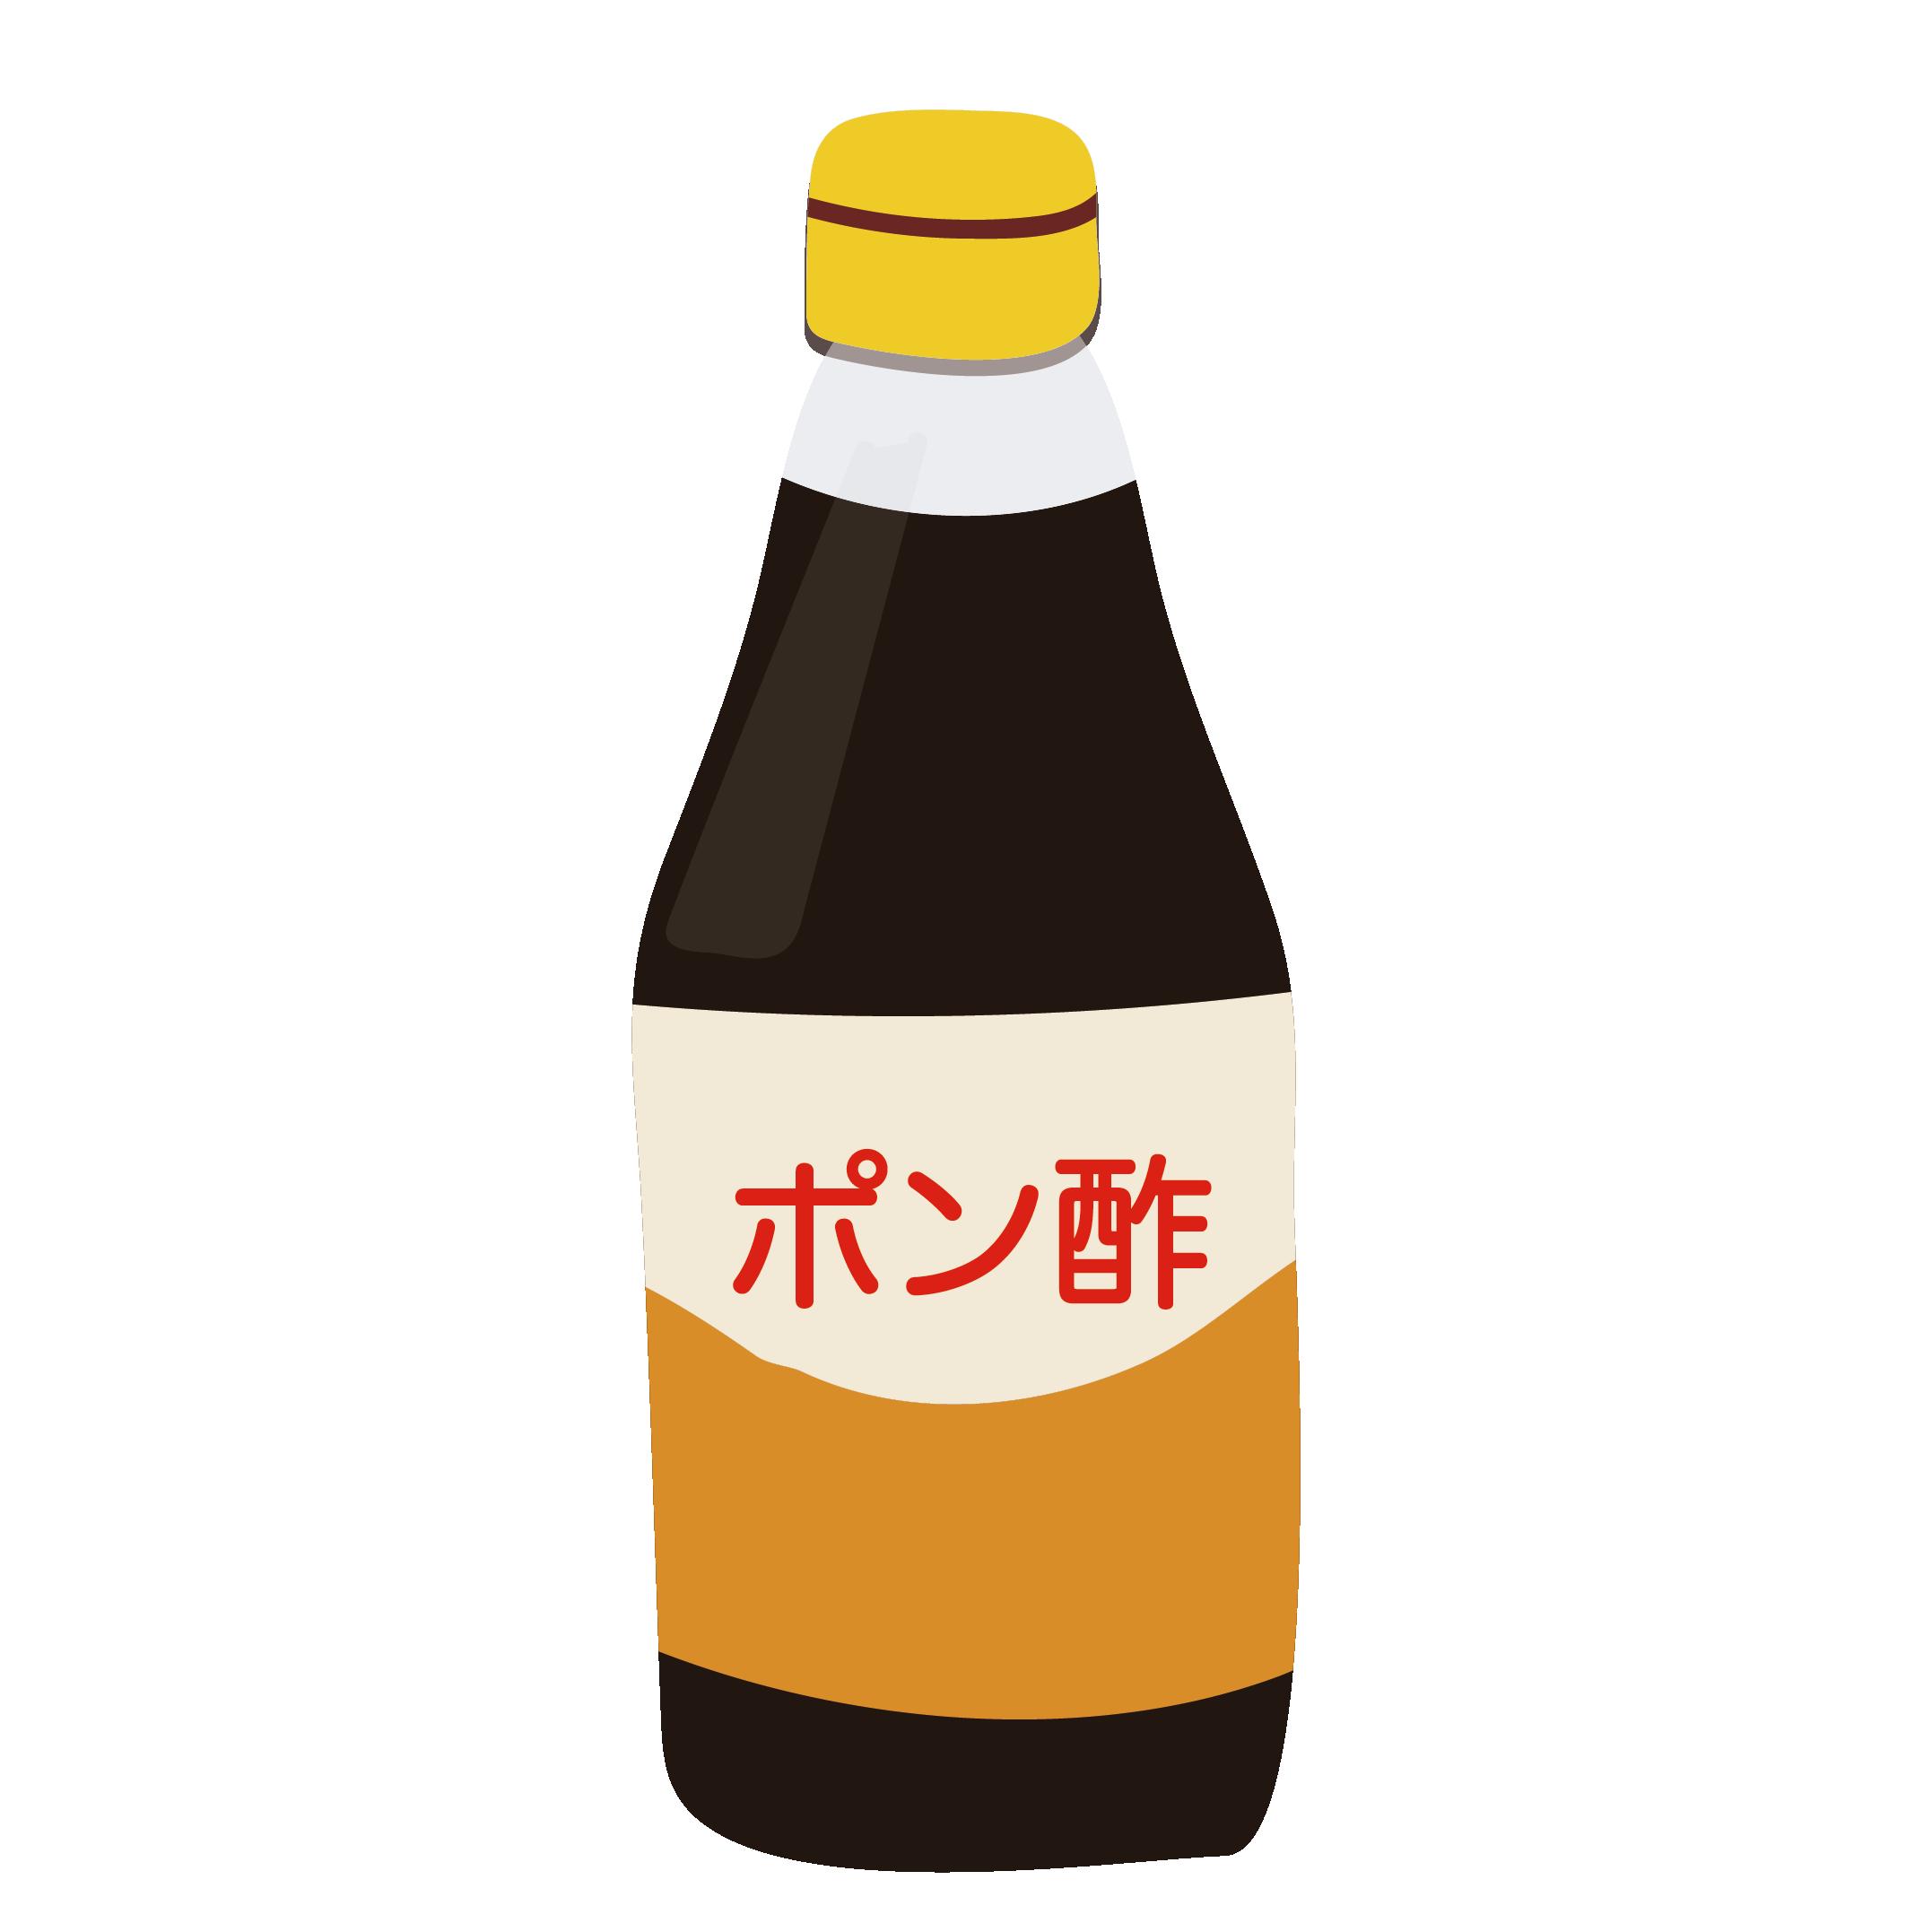 ポン酢ぽんずのイラスト 調味料 商用フリー無料のイラスト